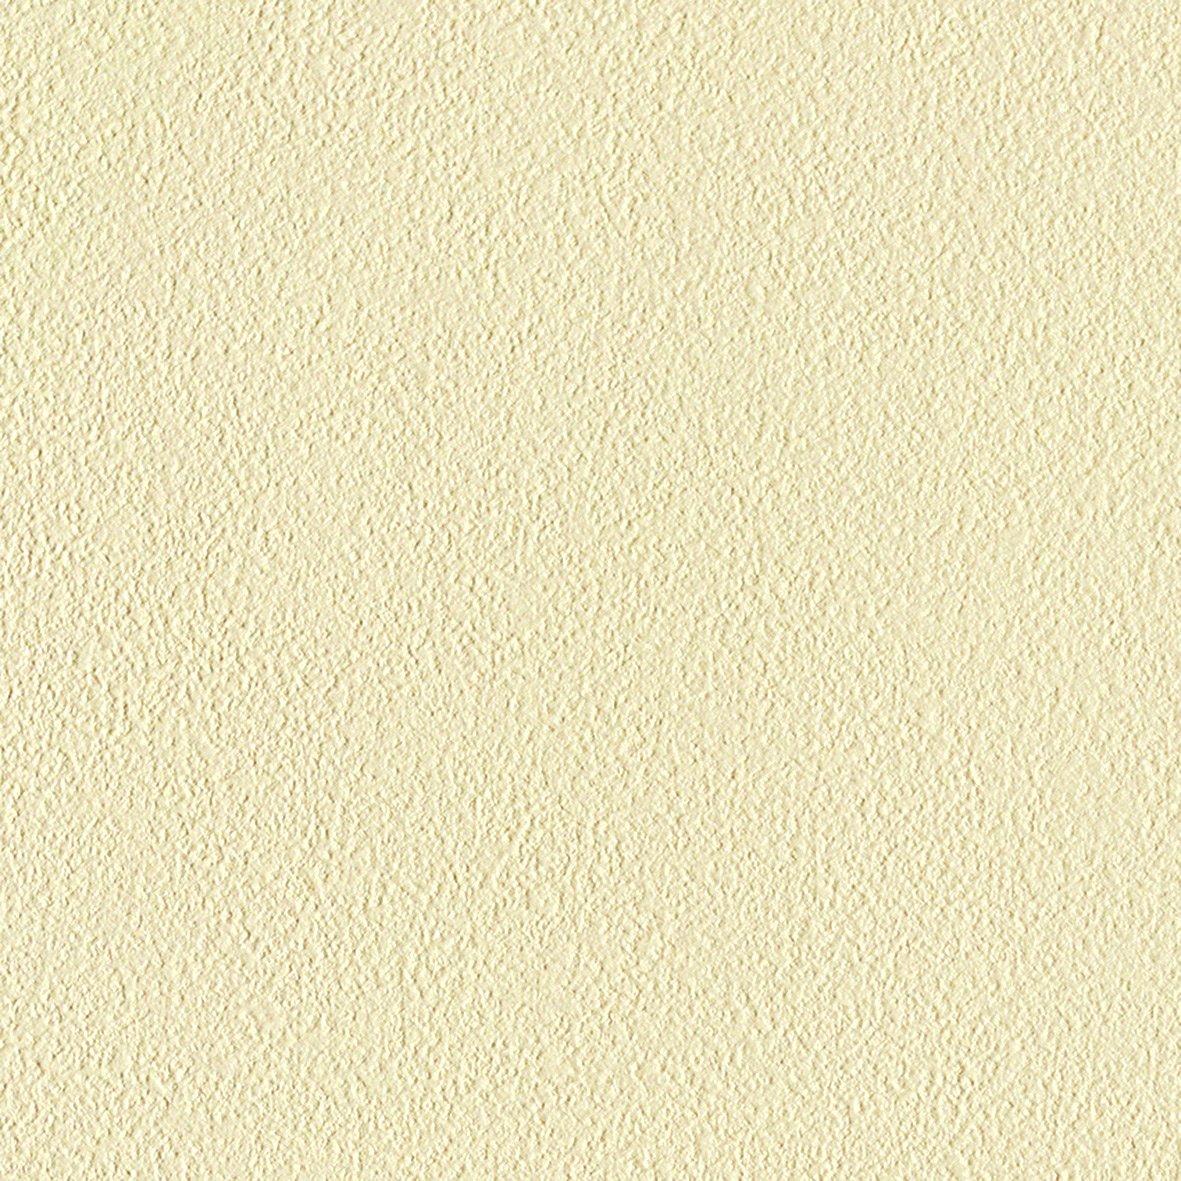 リリカラ 壁紙44m フェミニン 石目調 イエロー カラーバリエーション LV-6172 B01IHRPFFM 44m|イエロー